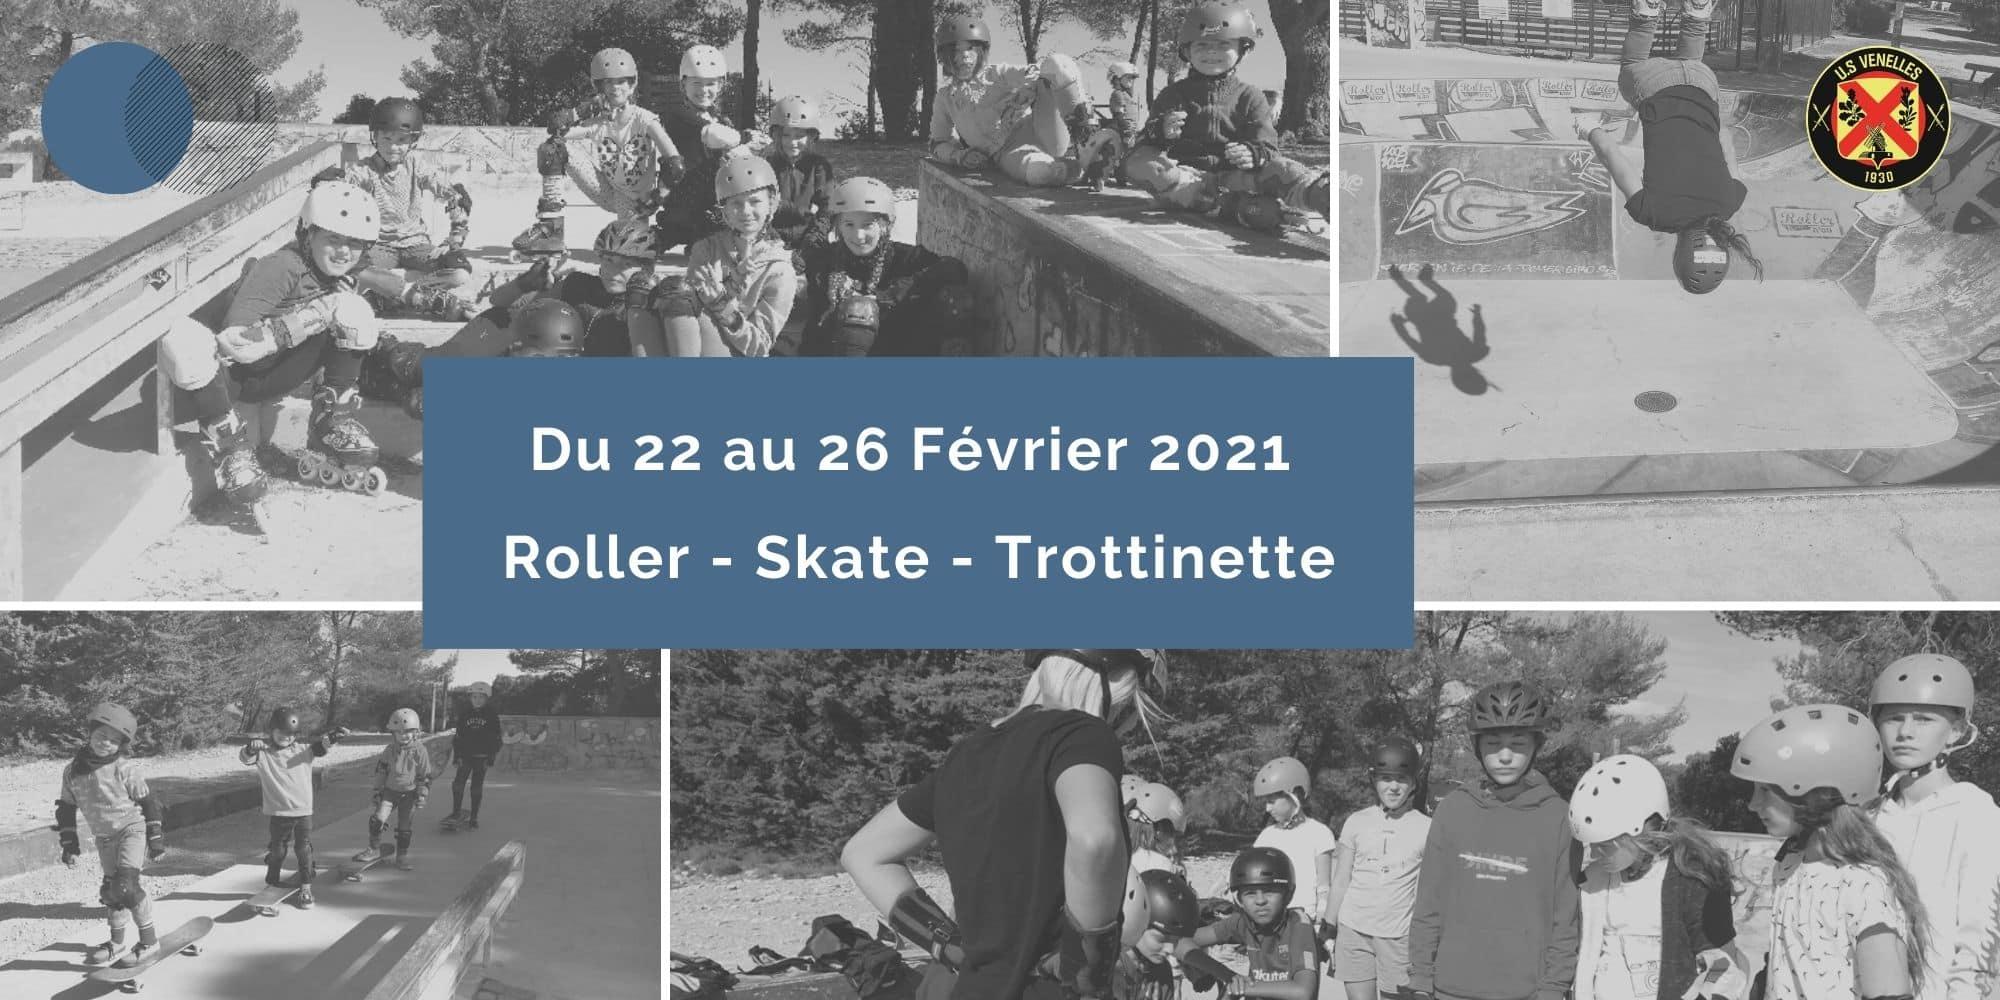 Stage roller Février 2021 - USV